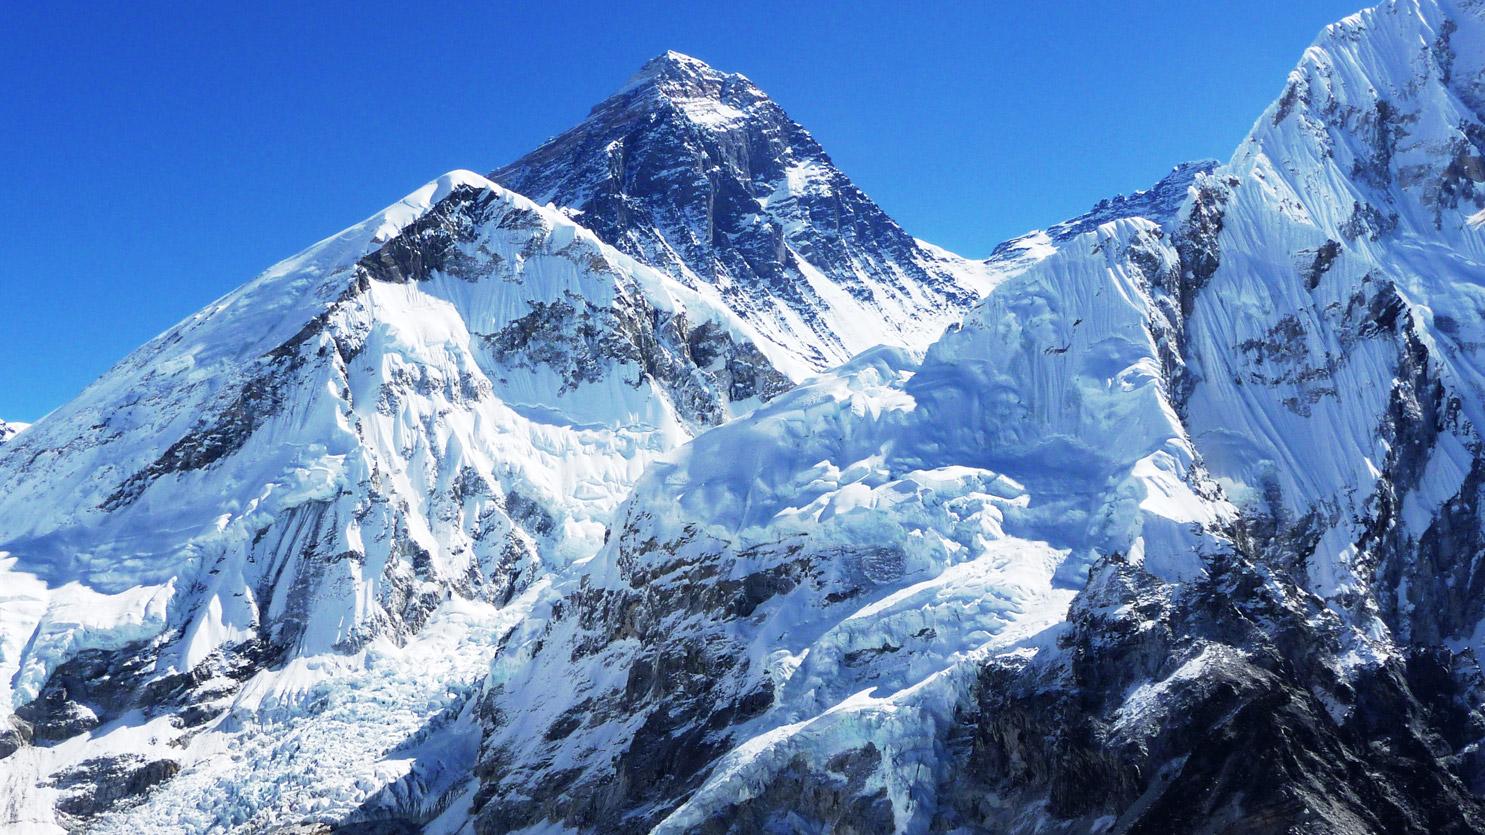 Le sommet de l'Everest vu du Kala Pattar (5550m)